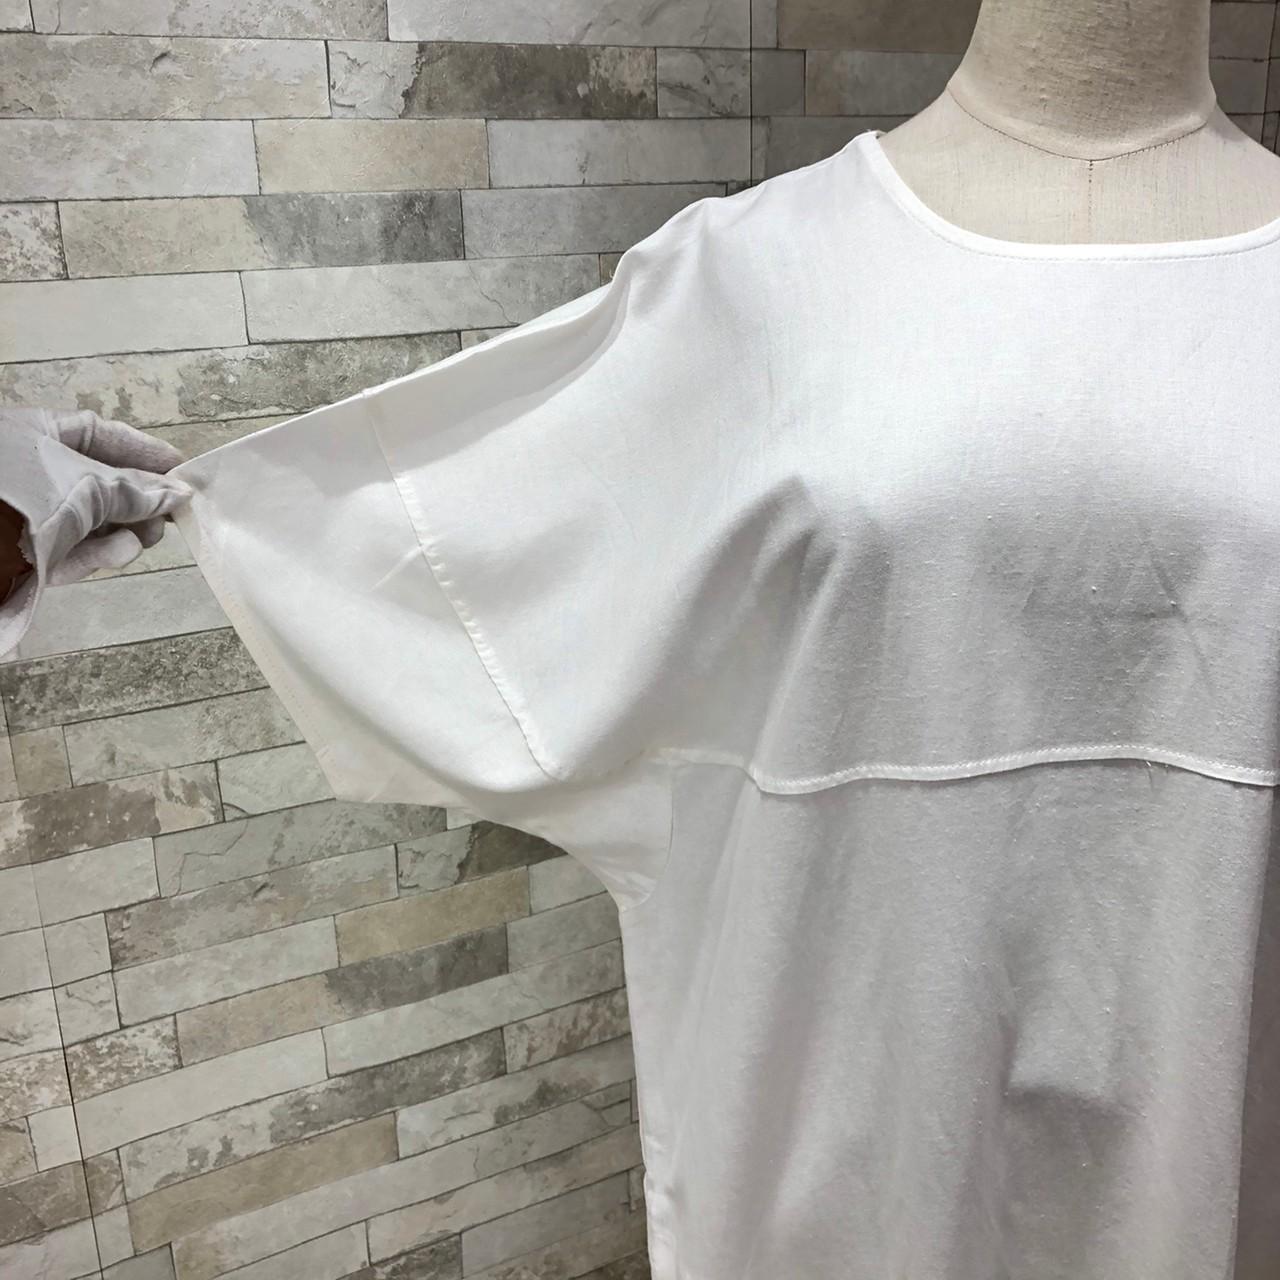 韓国 ファッション ワンピース 春 夏 カジュアル PTXI416  袖コンシャス ゆったり 体型カバー ラフ オルチャン シンプル 定番 セレカジの写真6枚目